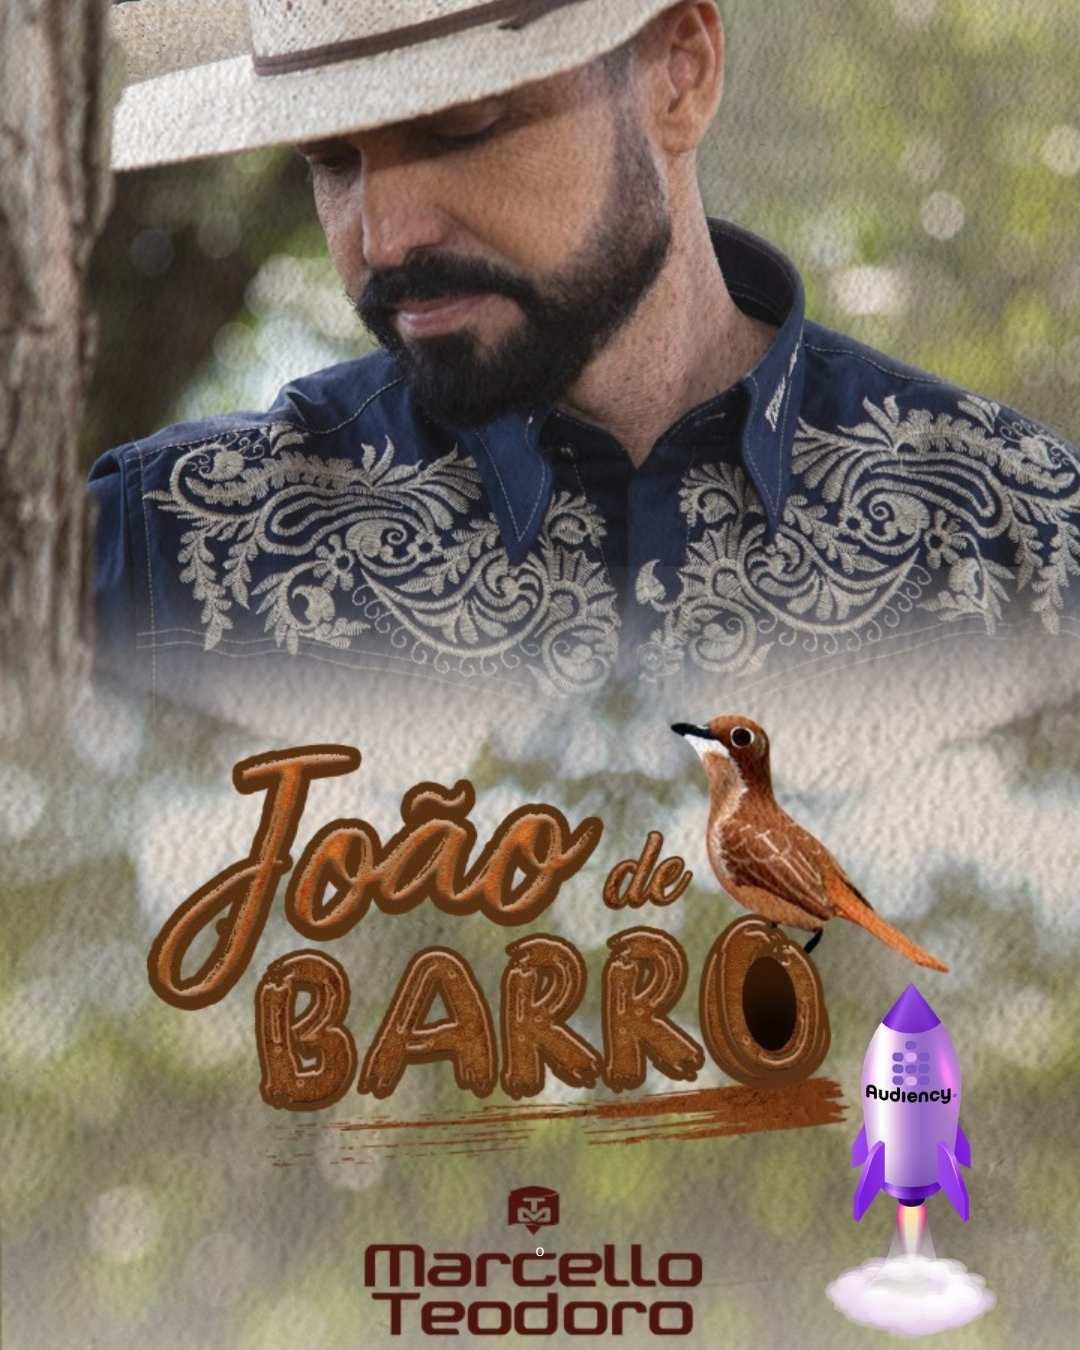 """Marcello Teodoro lança seu mais novo single """"João de barro"""""""